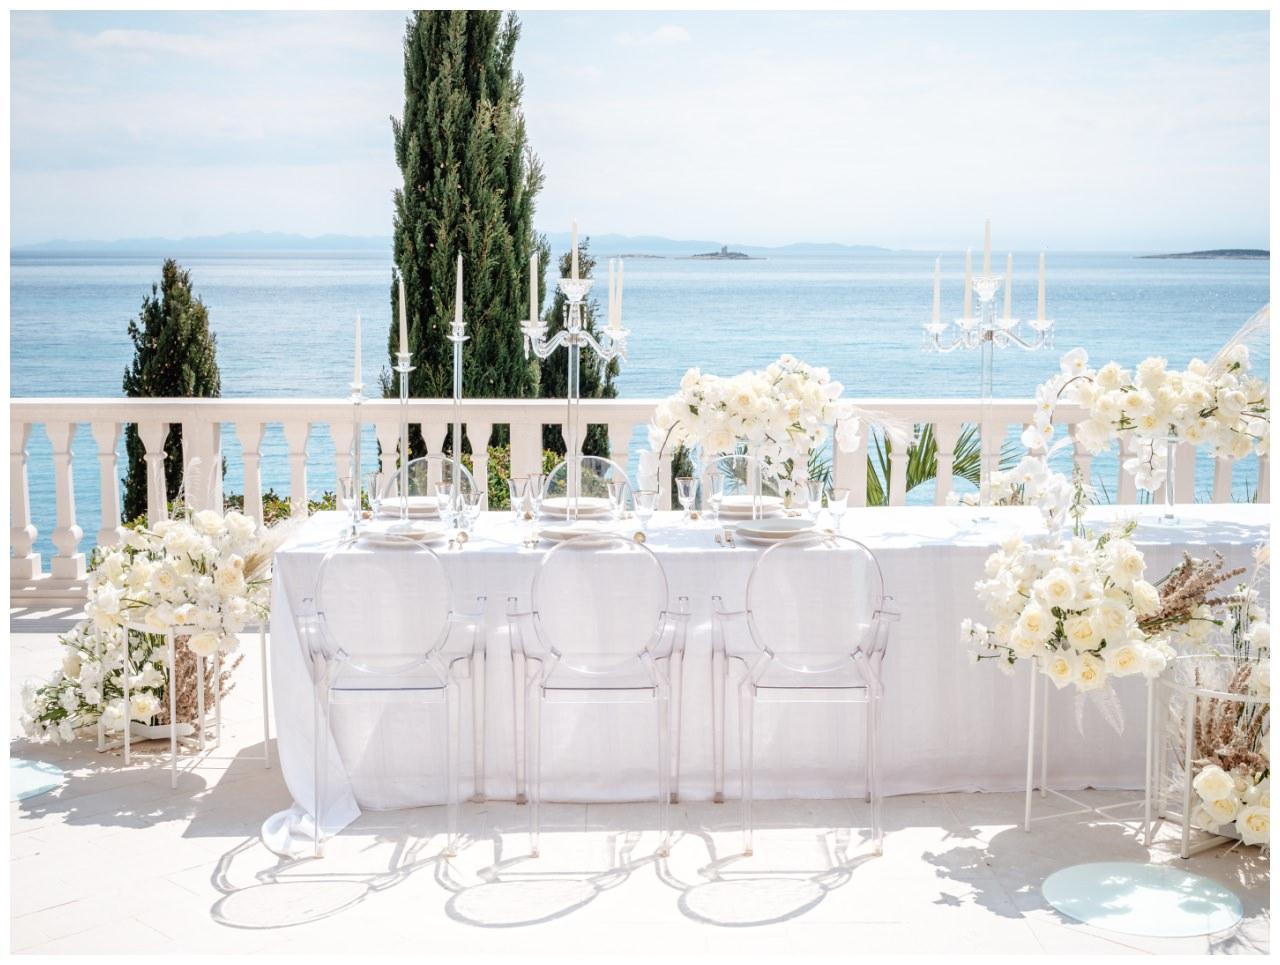 Hochzeit Kroatien Hochzeitsplanung Hochzeitsplaner Fotograf 17 - Luxuriöse Hochzeit in Weiß